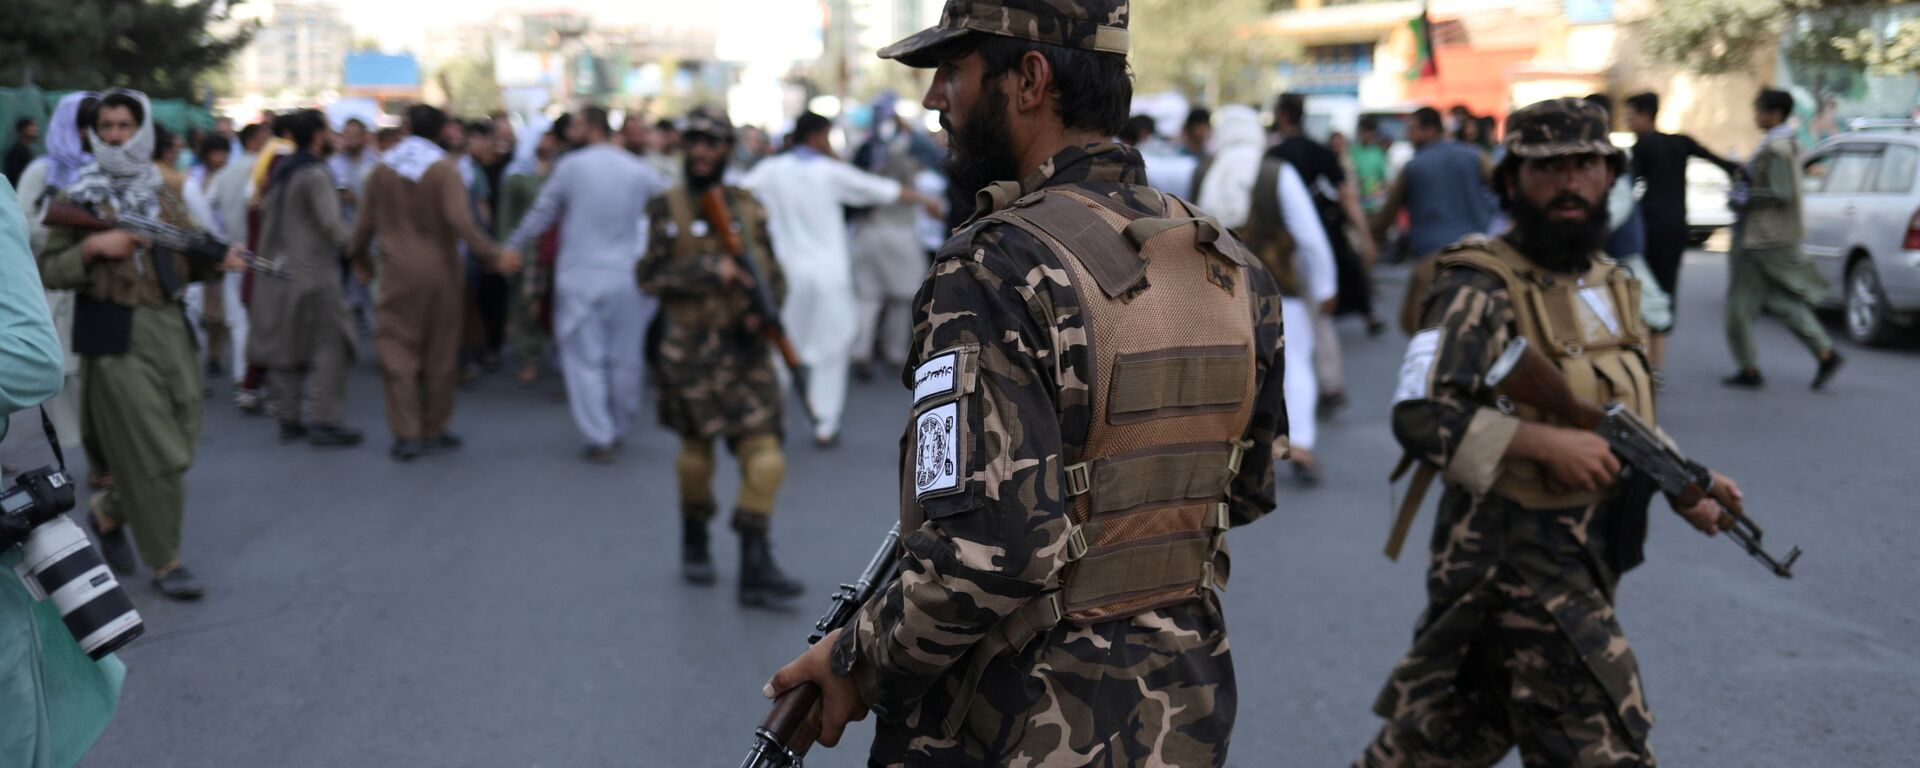 Żołnierze talibscy podczas protestu w Kabulu, Afganistan - Sputnik Polska, 1920, 07.09.2021